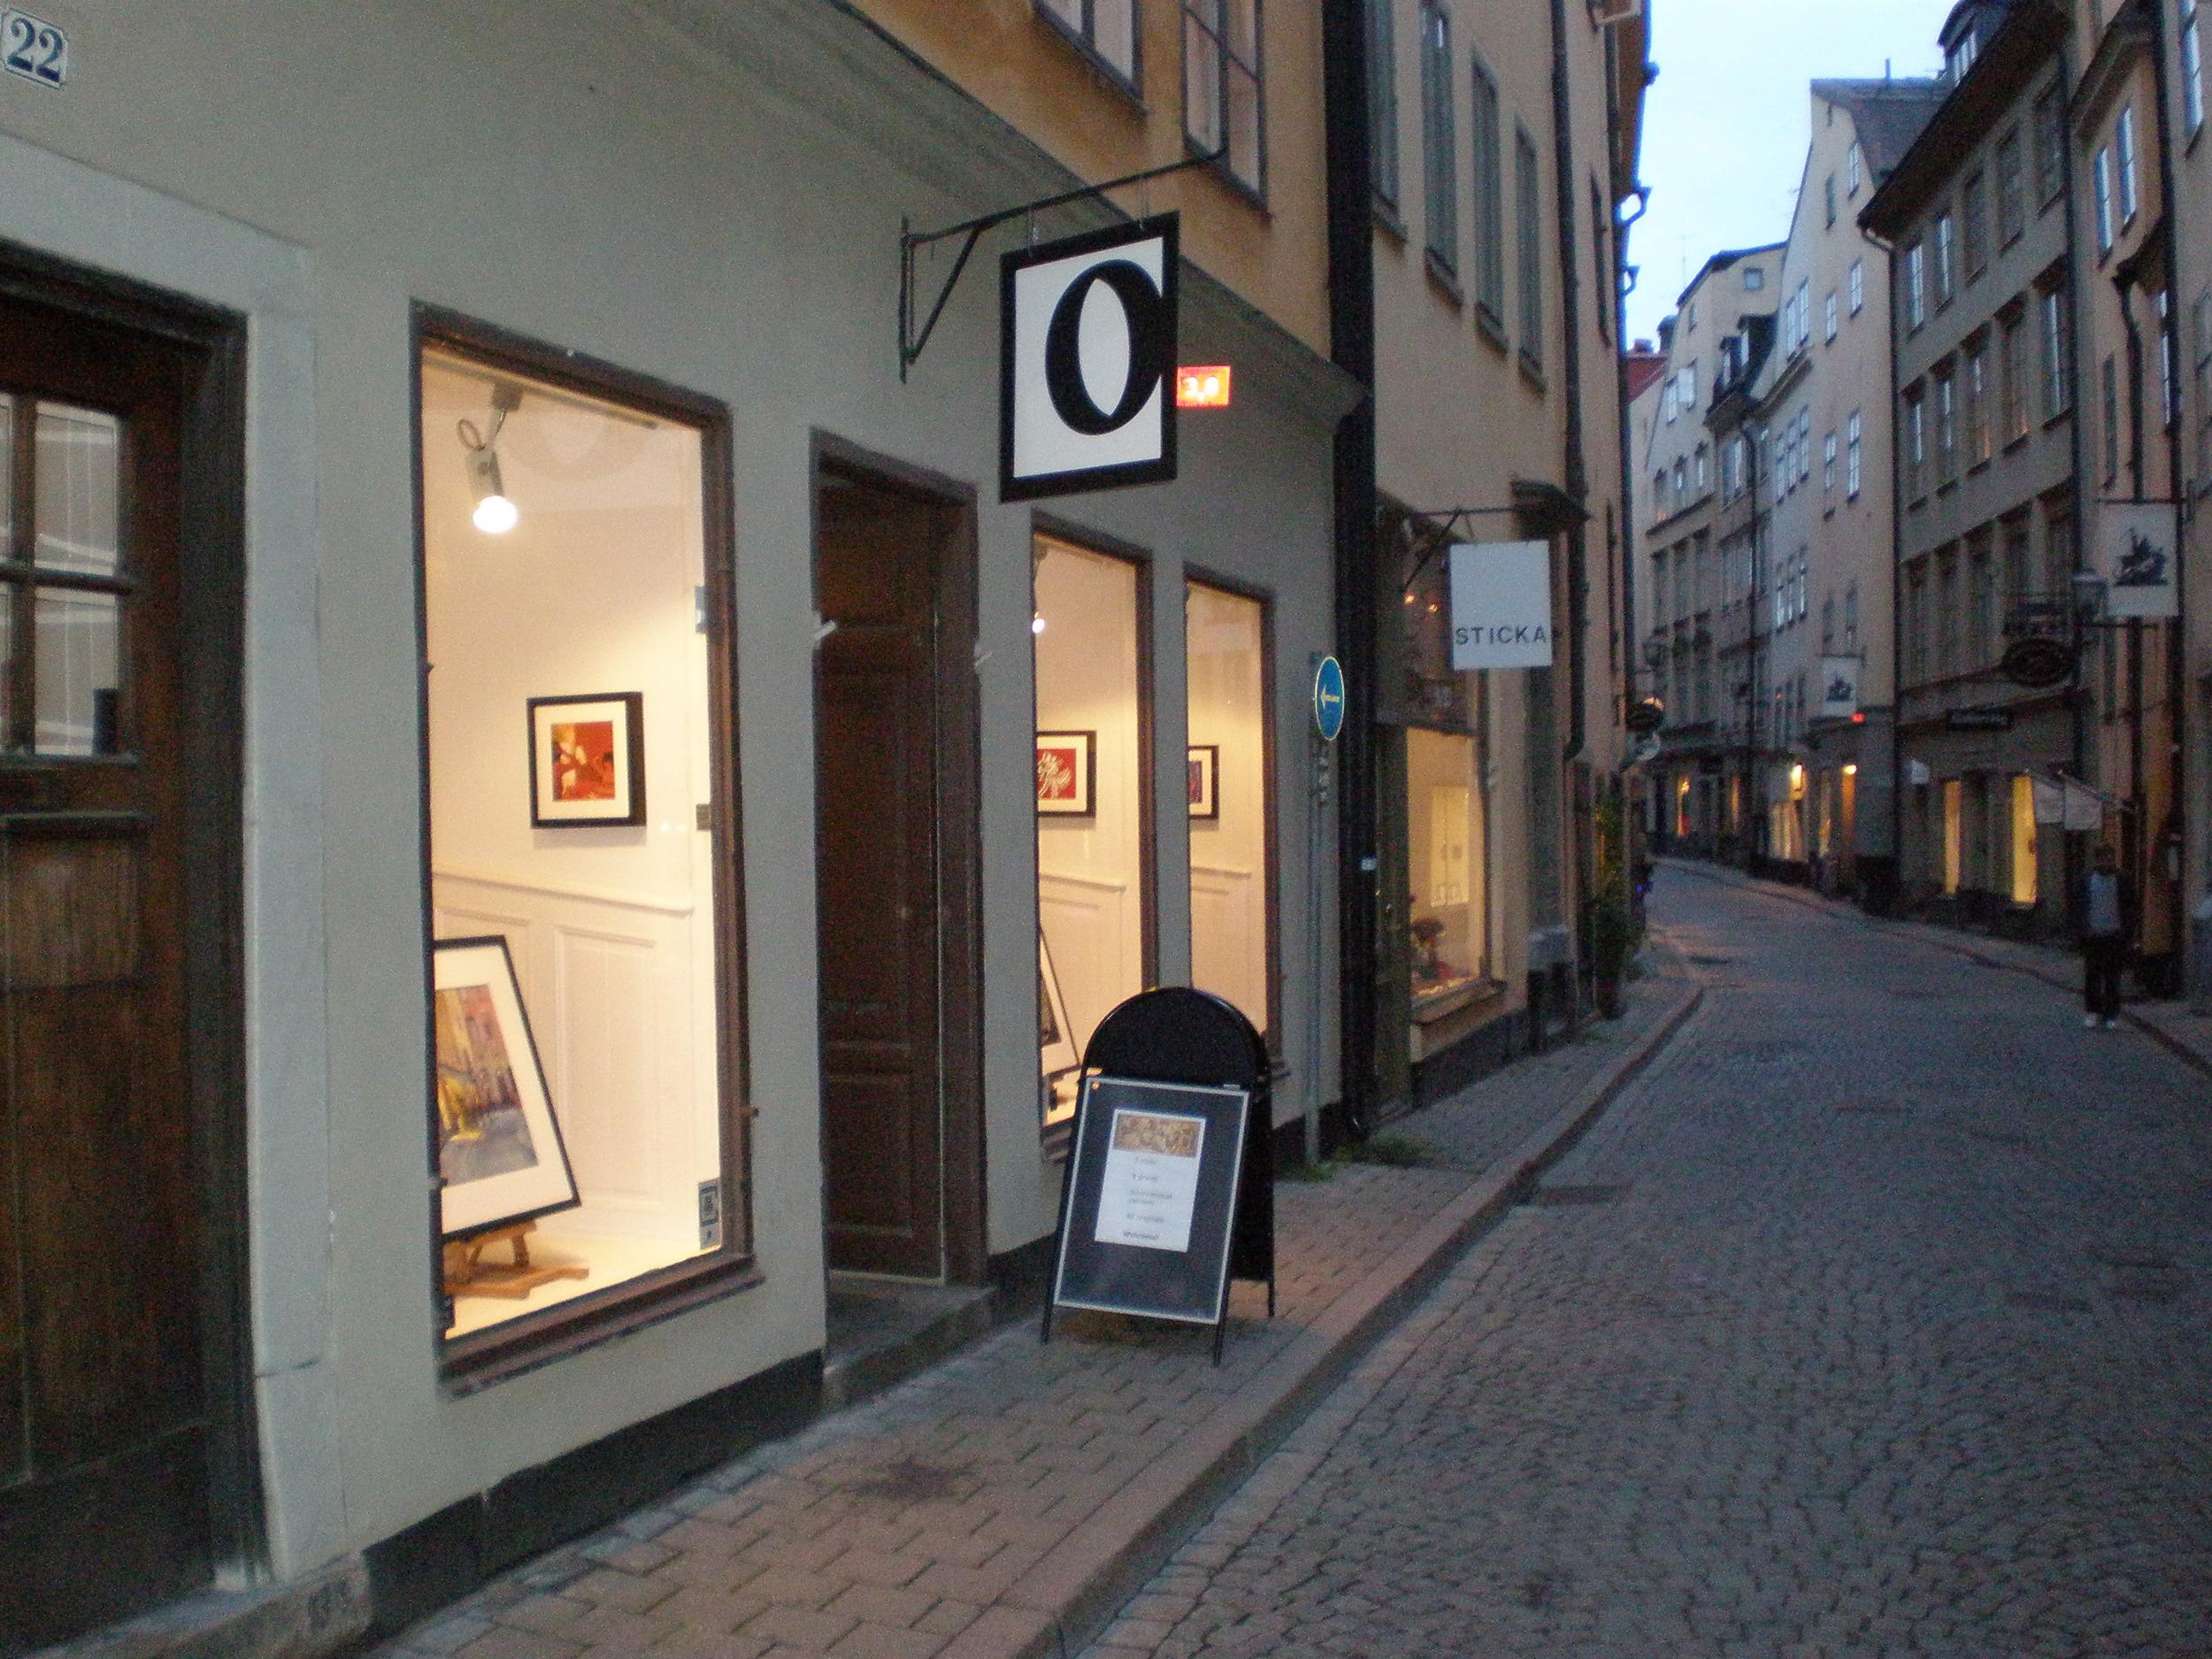 Gallery O - Stockholm, Sweden